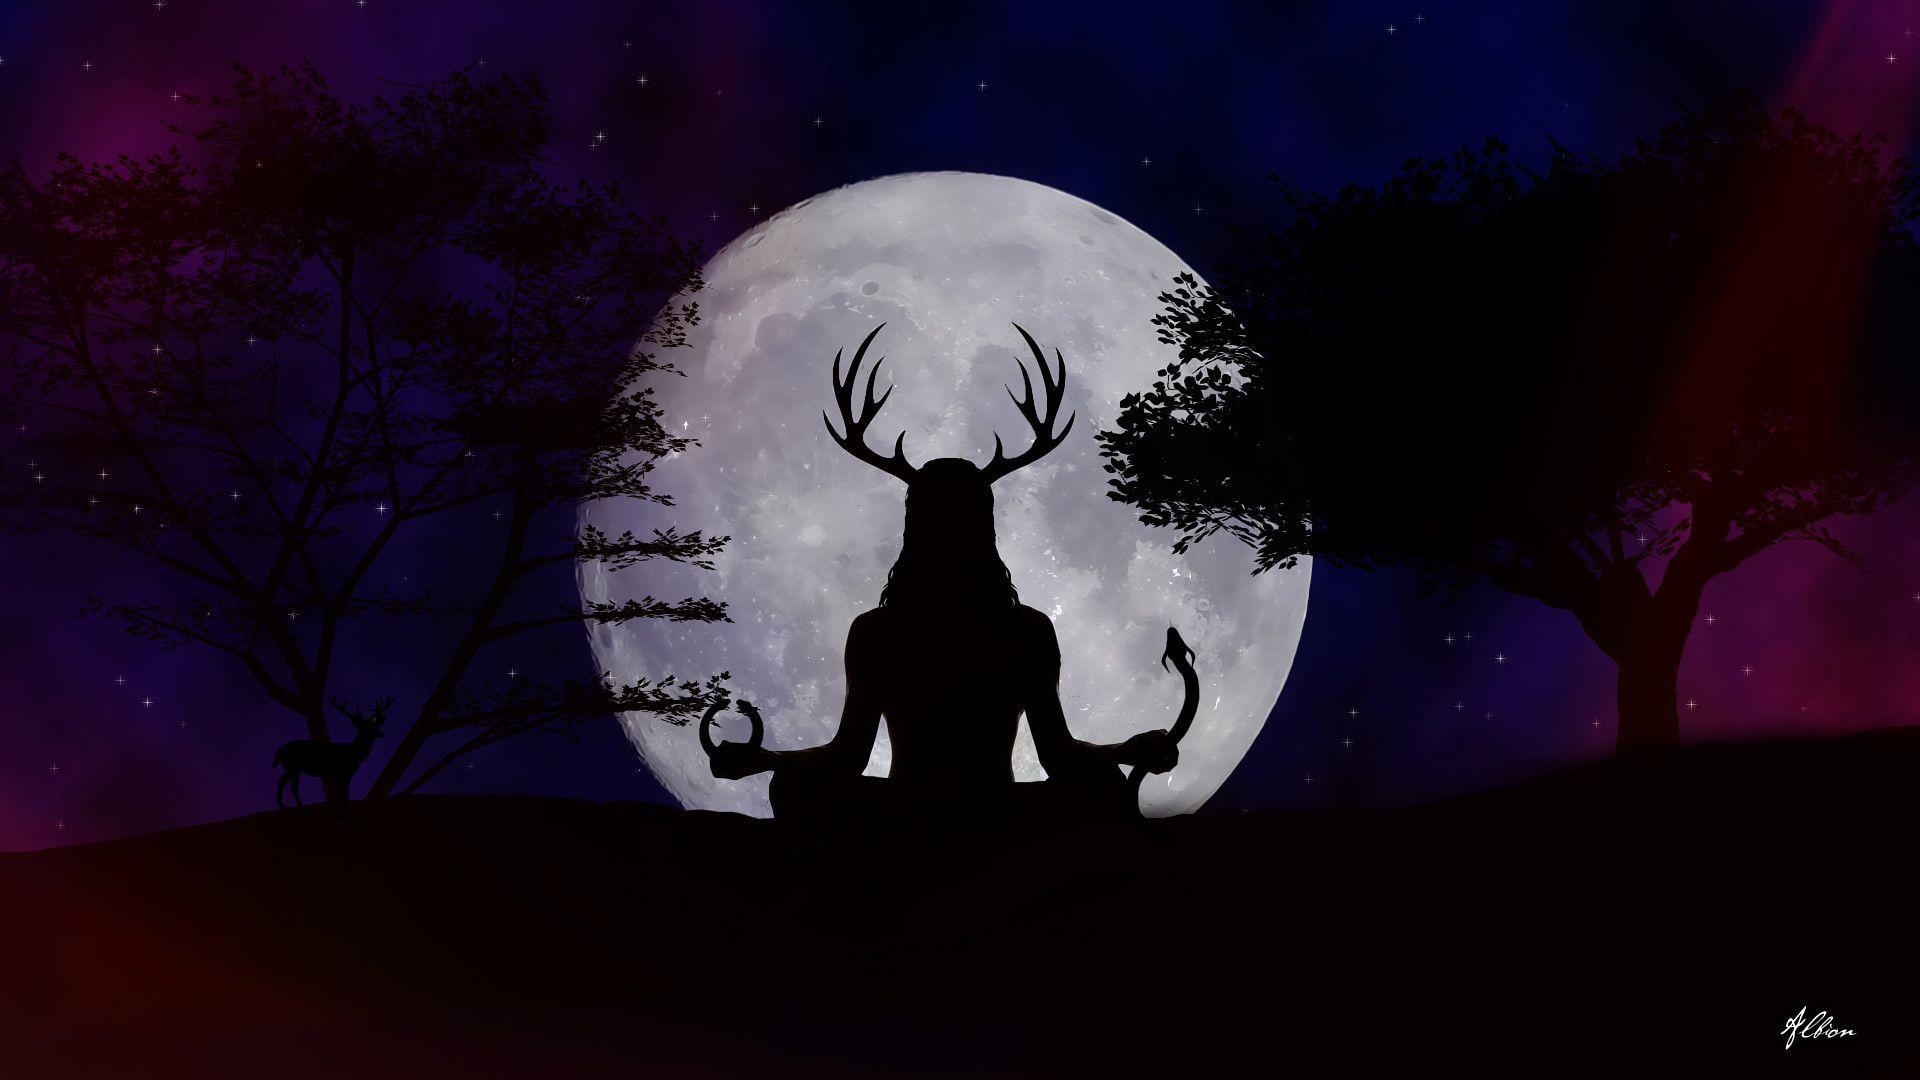 Pagan Wallpapers - Top Free Pagan